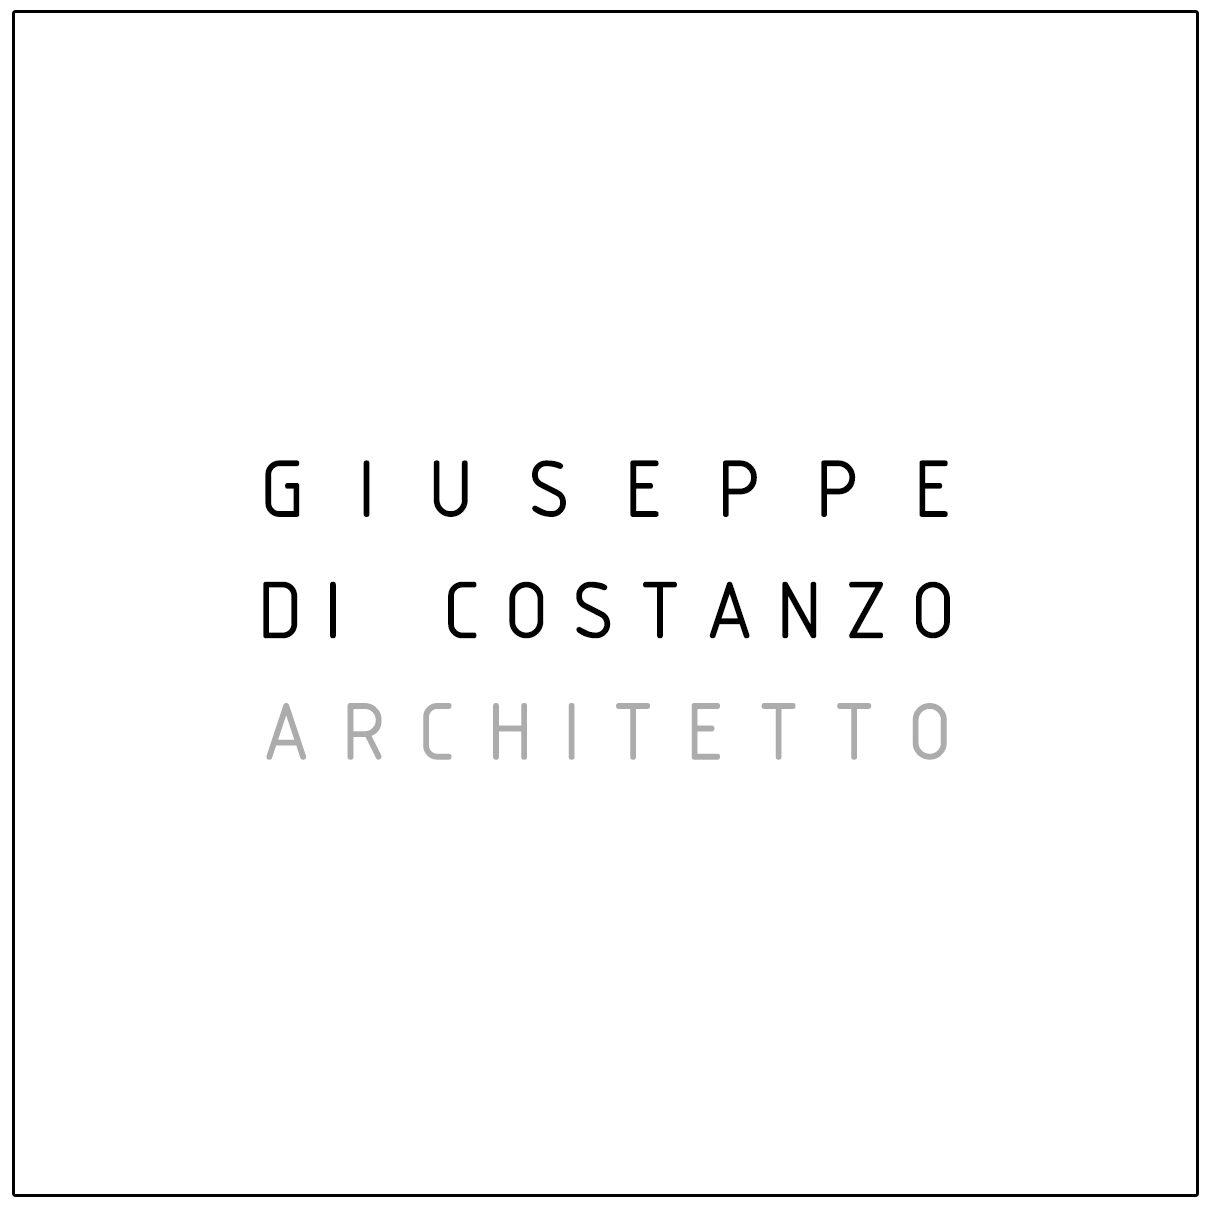 GIUSEPPE DI COSTANZO | ARCHITETTO